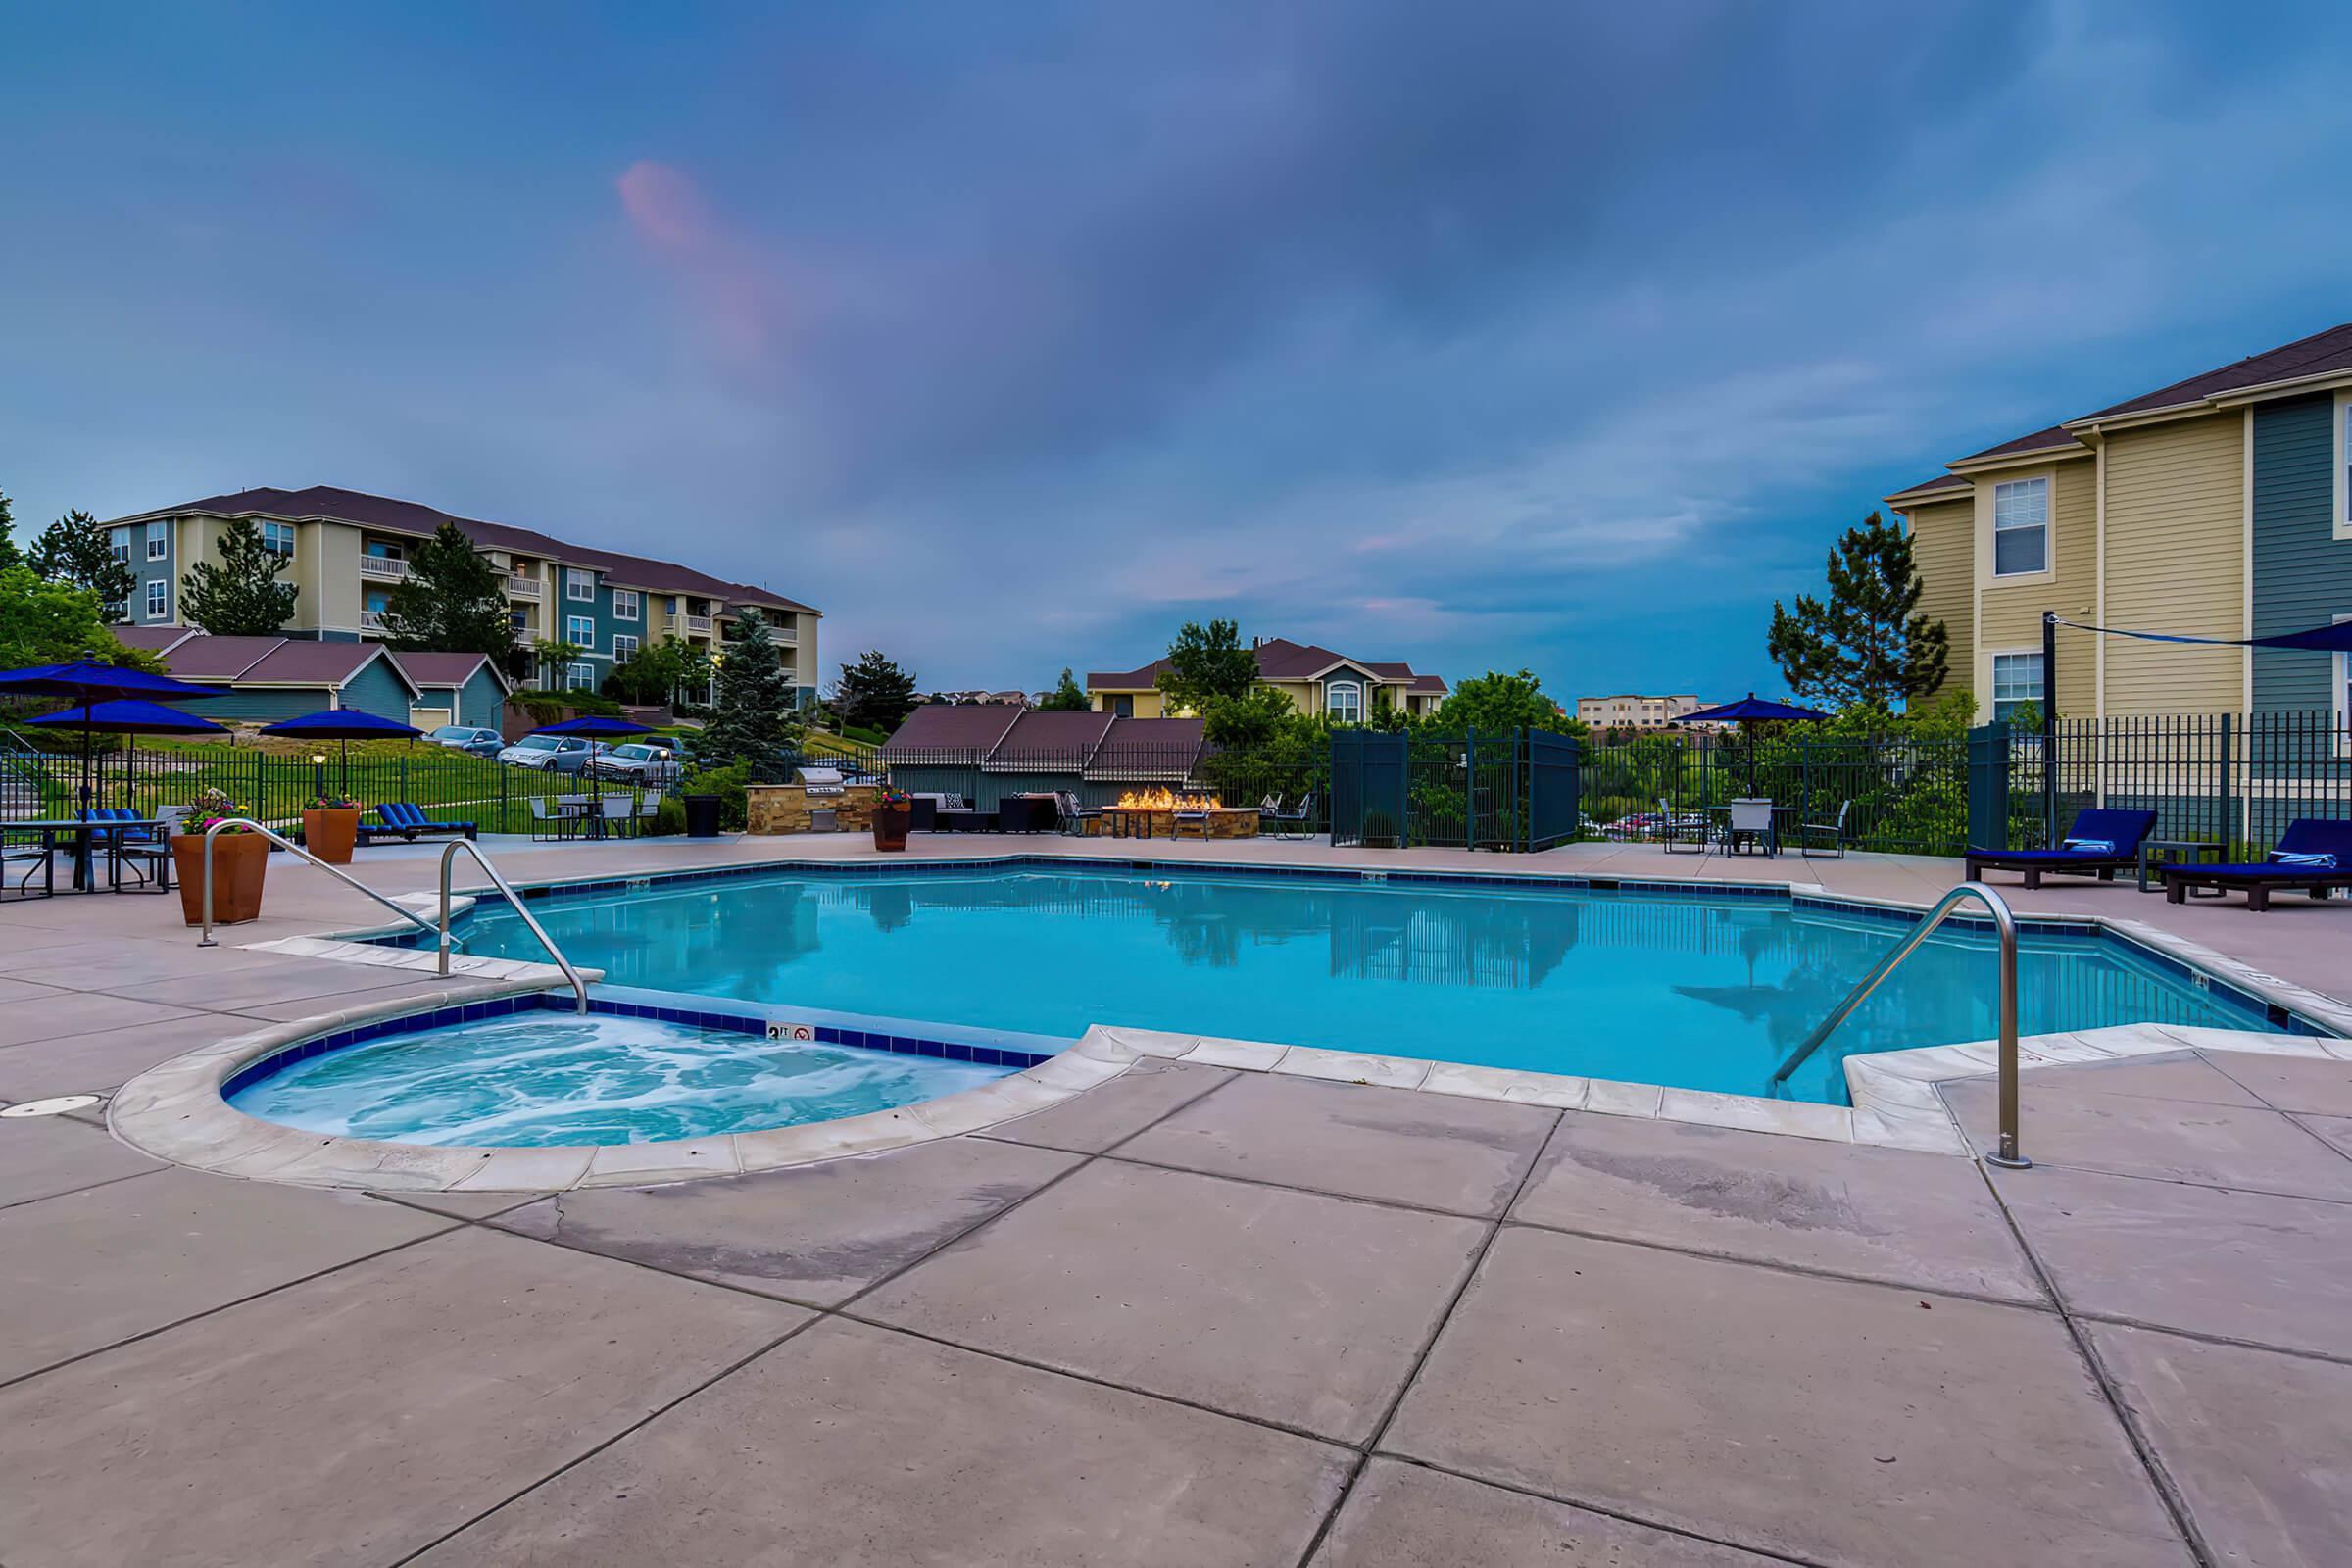 13631 Shepard Hts Colorado Springs CO - Web Quality - 043 - 61 Pool.jpg